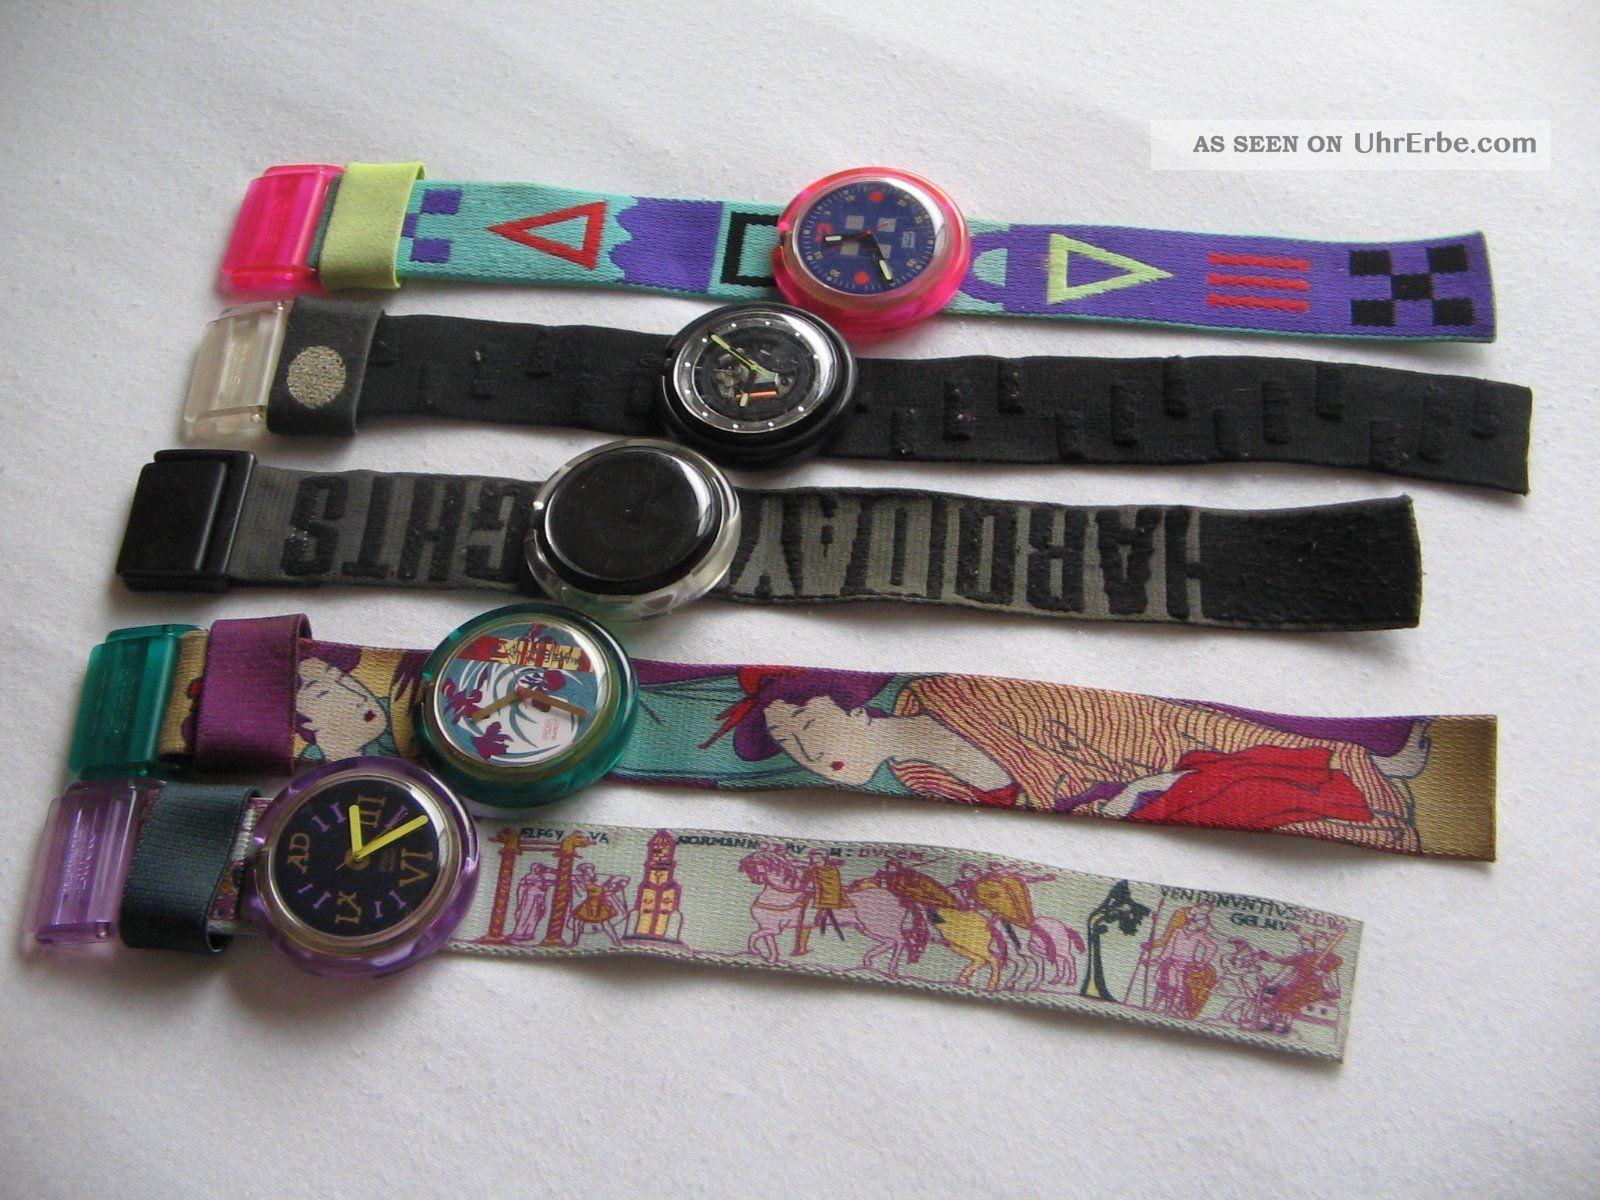 Pop - Swatch Uhren Aus Den 90er Jahren, Armbanduhren Bild